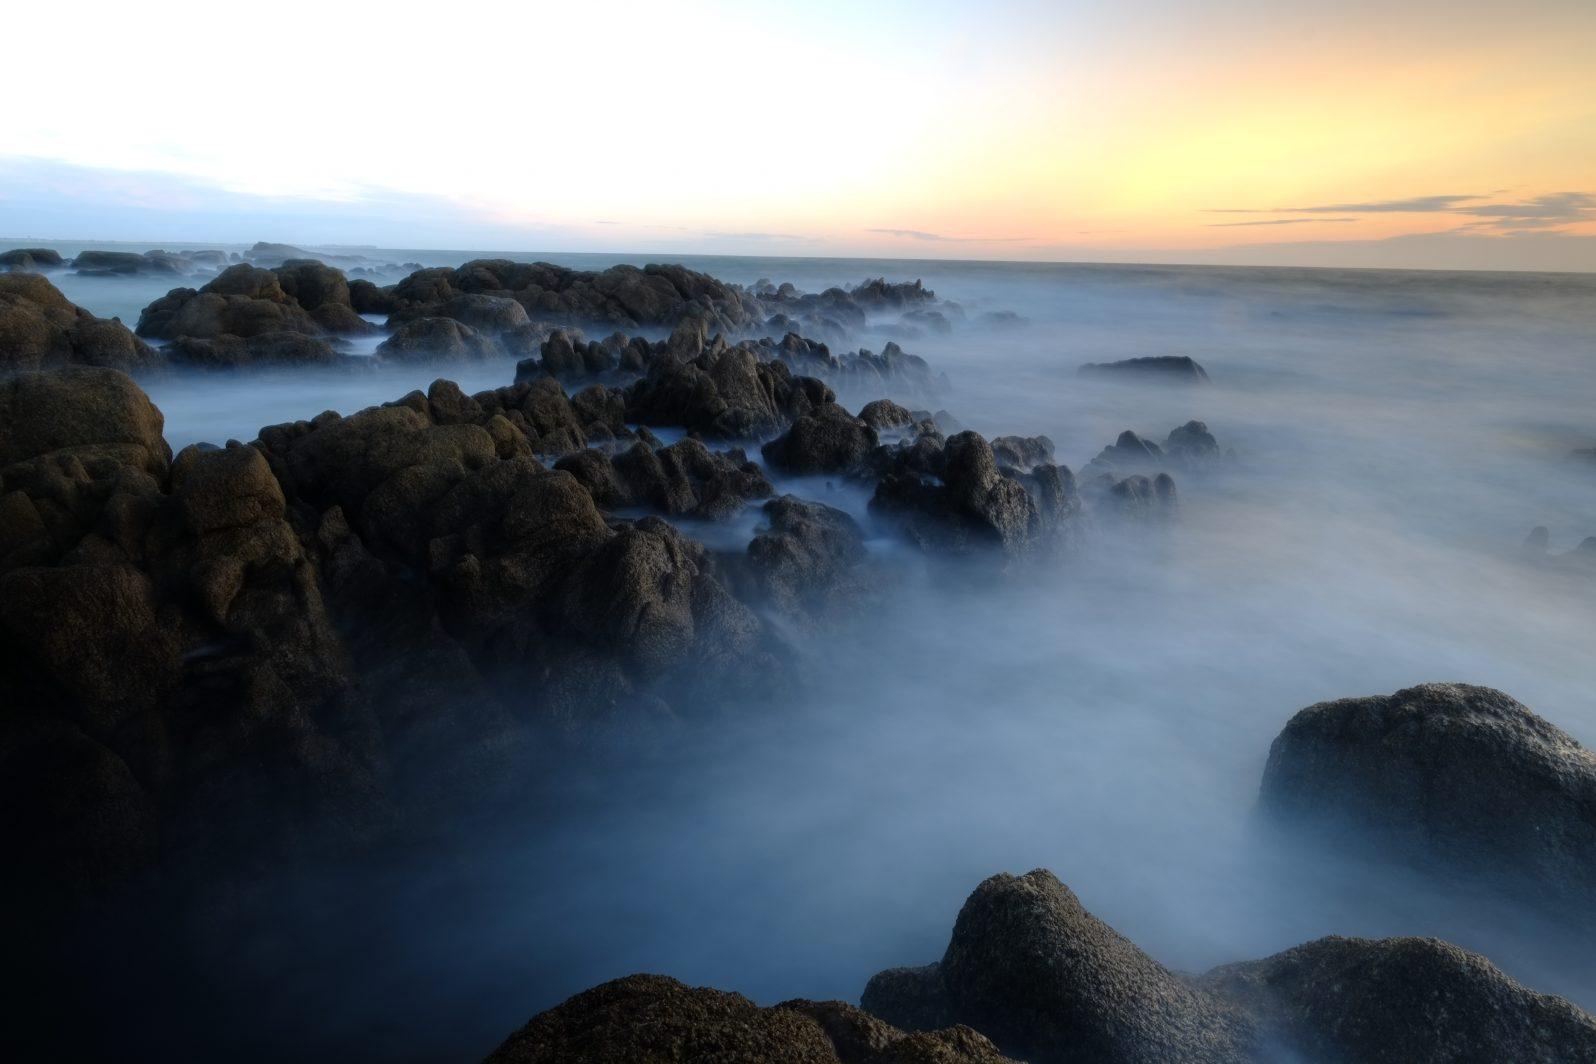 La côte sauvage de Piriac sur mer au coucher du soleil